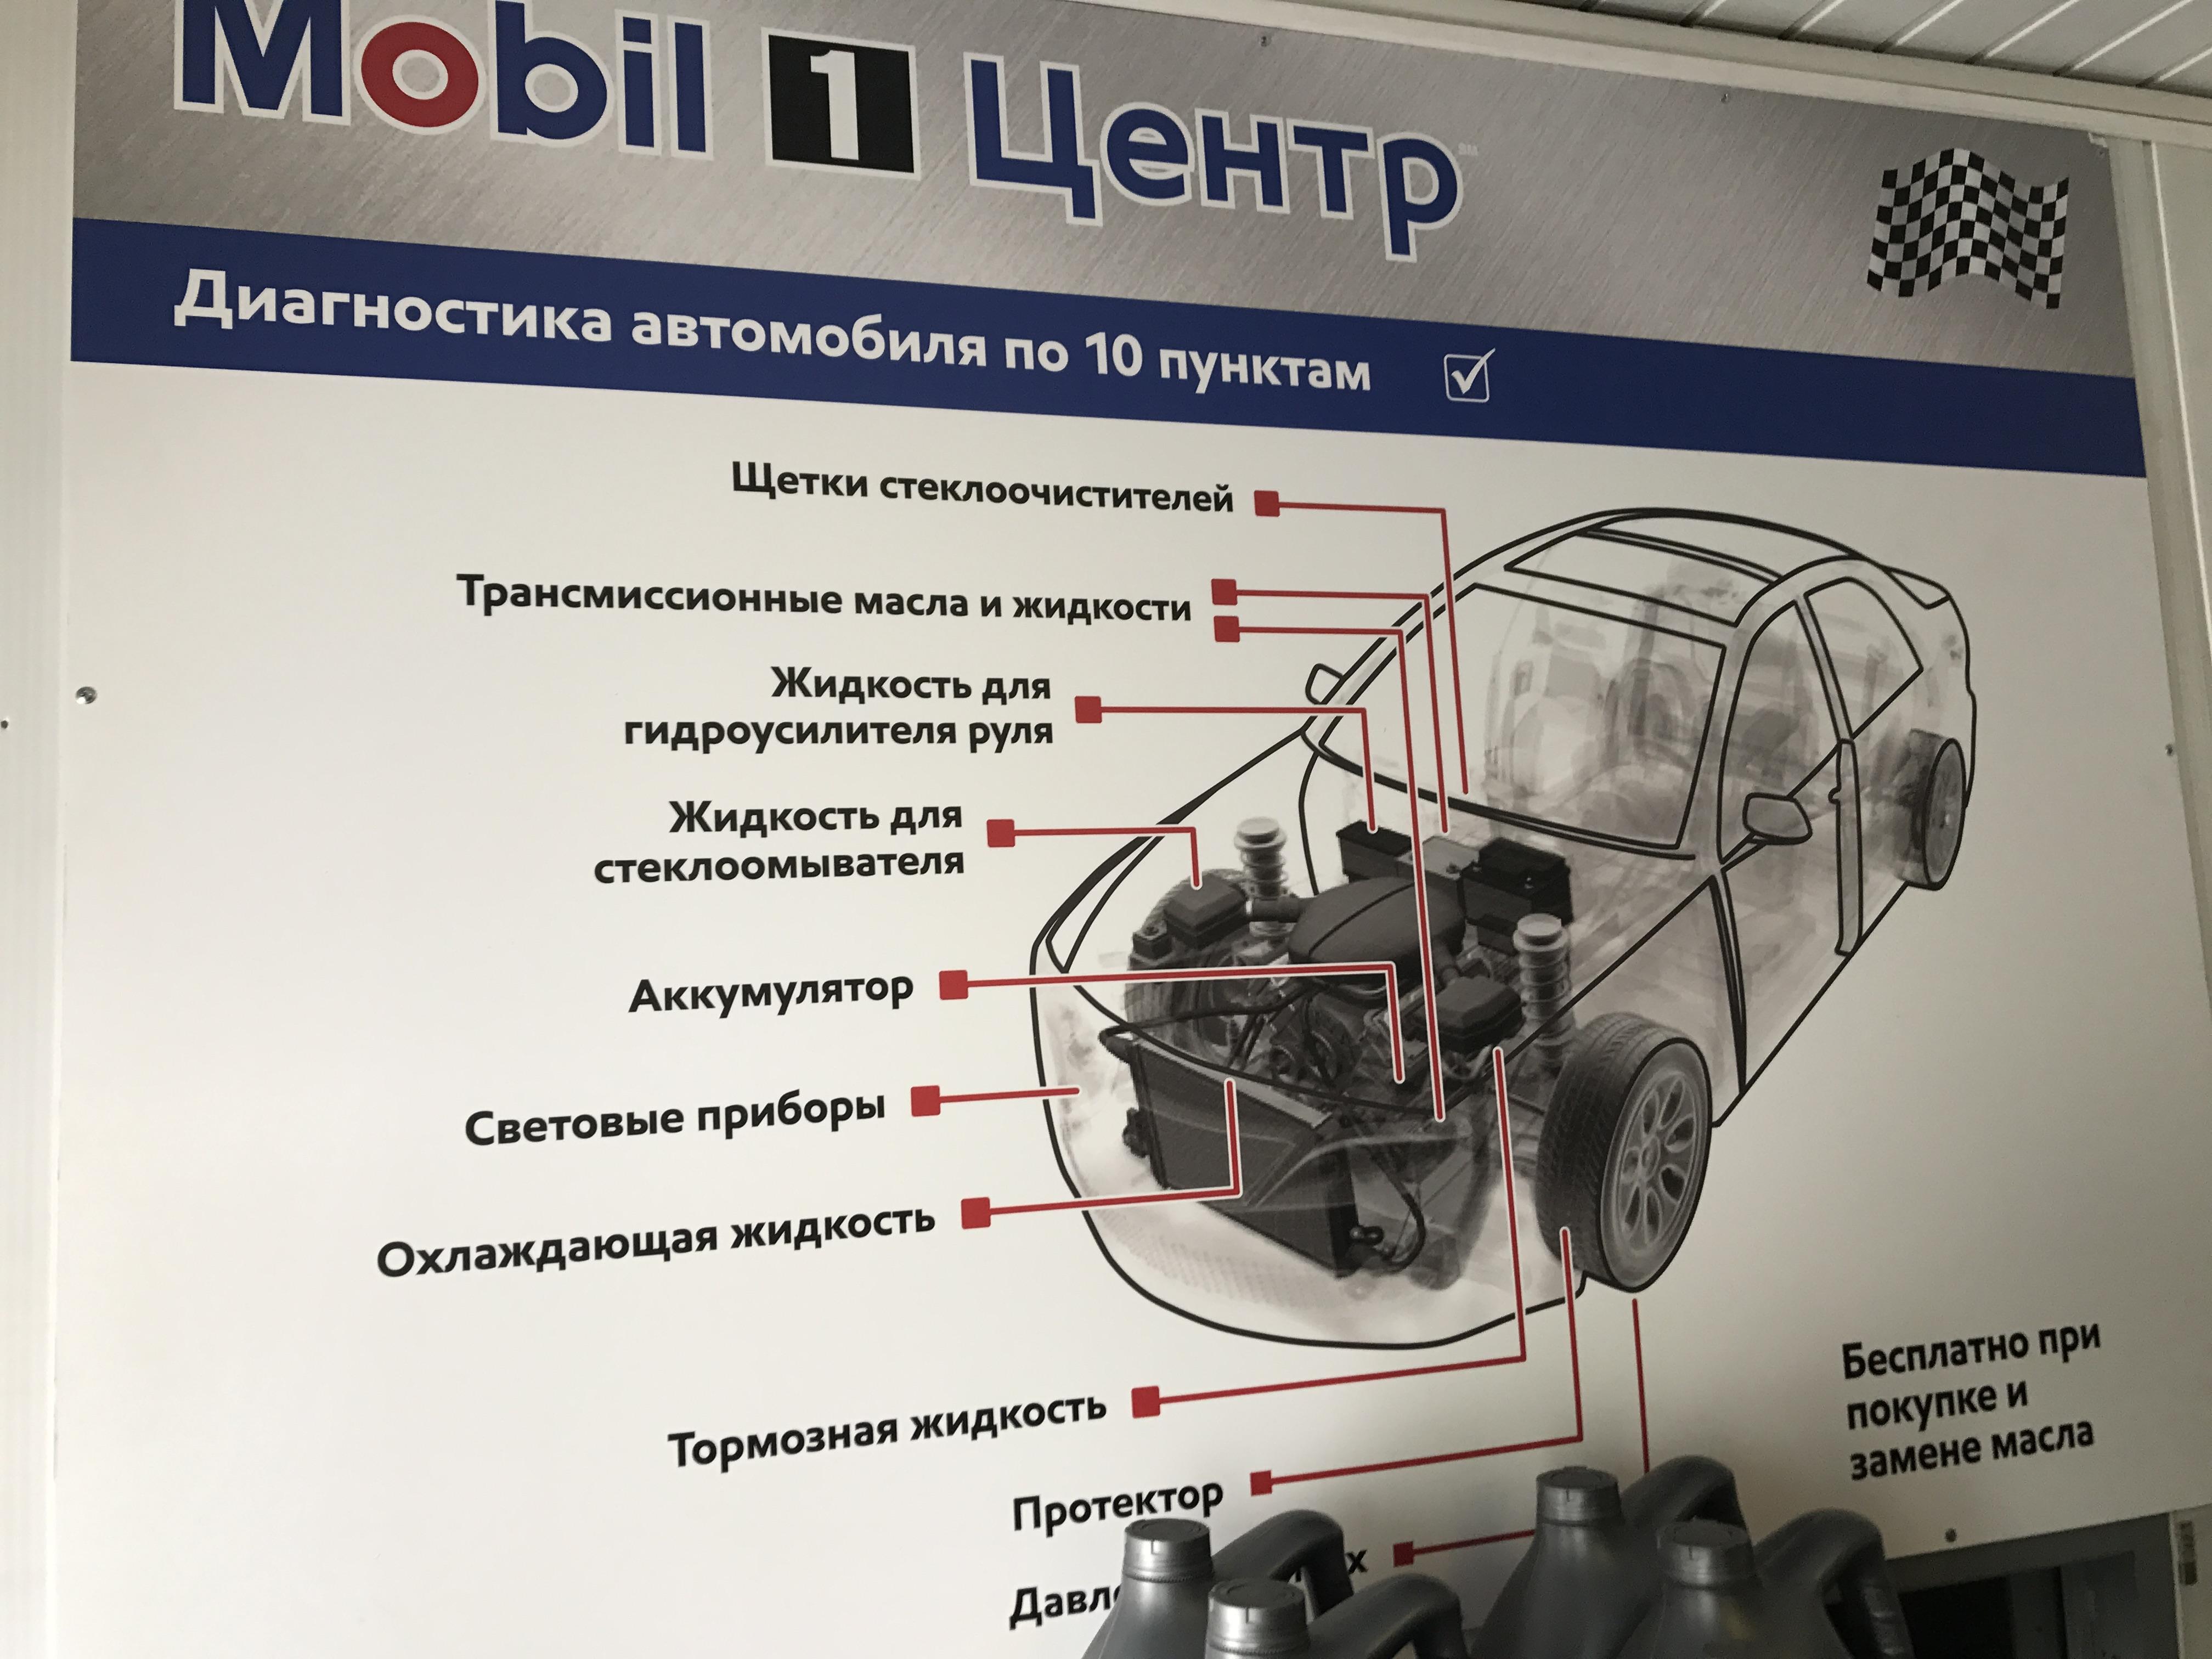 Диагностика авто в Подольске